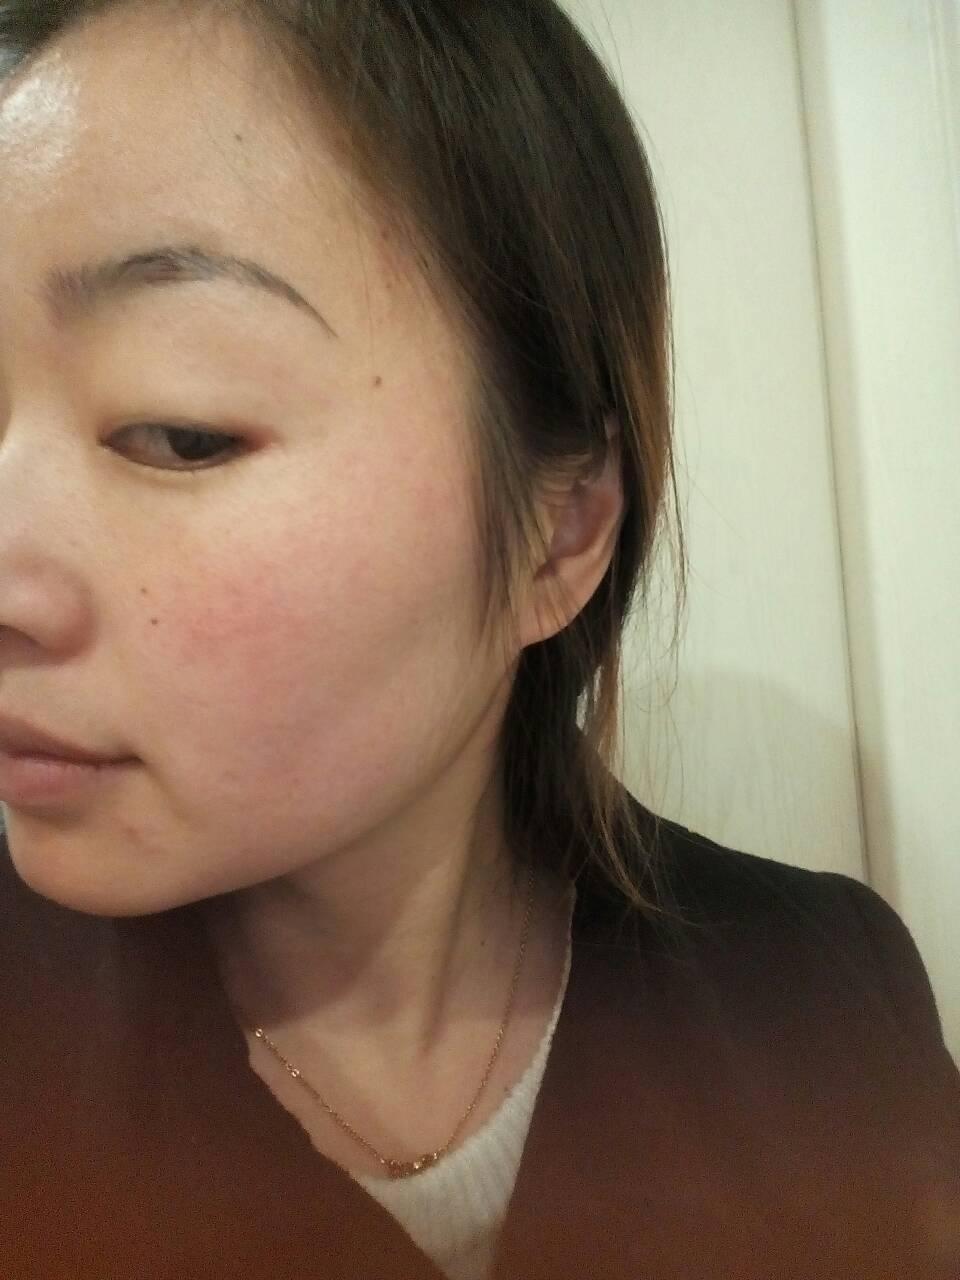 脸部皮肤薄怎么办_皮肤角质层很薄,容易过敏脸部发红.一块一块颗粒状.有